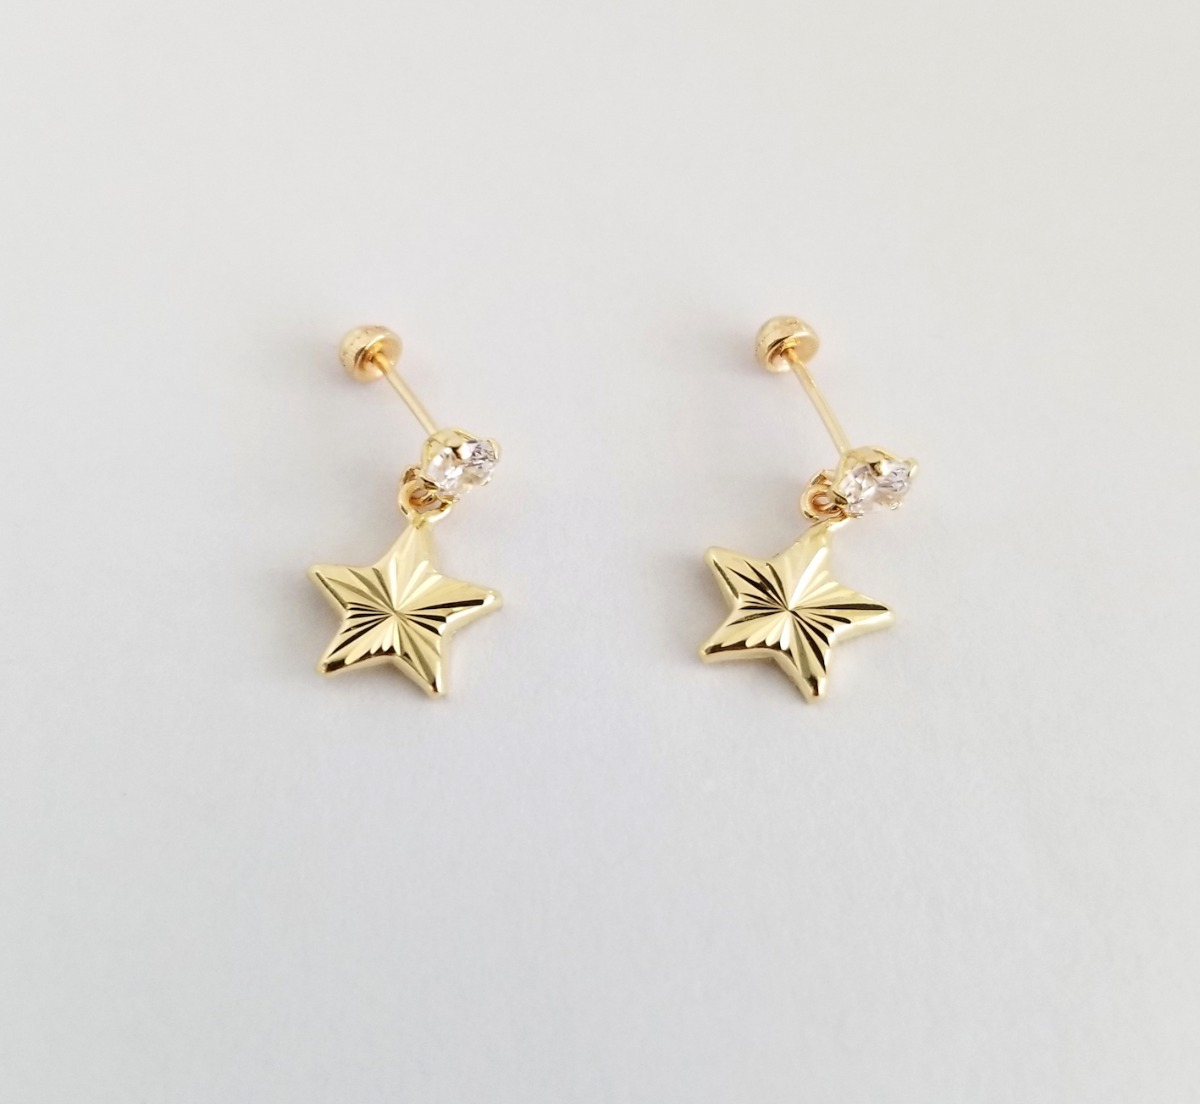 279166f4c42e aretes broquel estrella colgante para mujer oro sólido 10k. Cargando zoom.